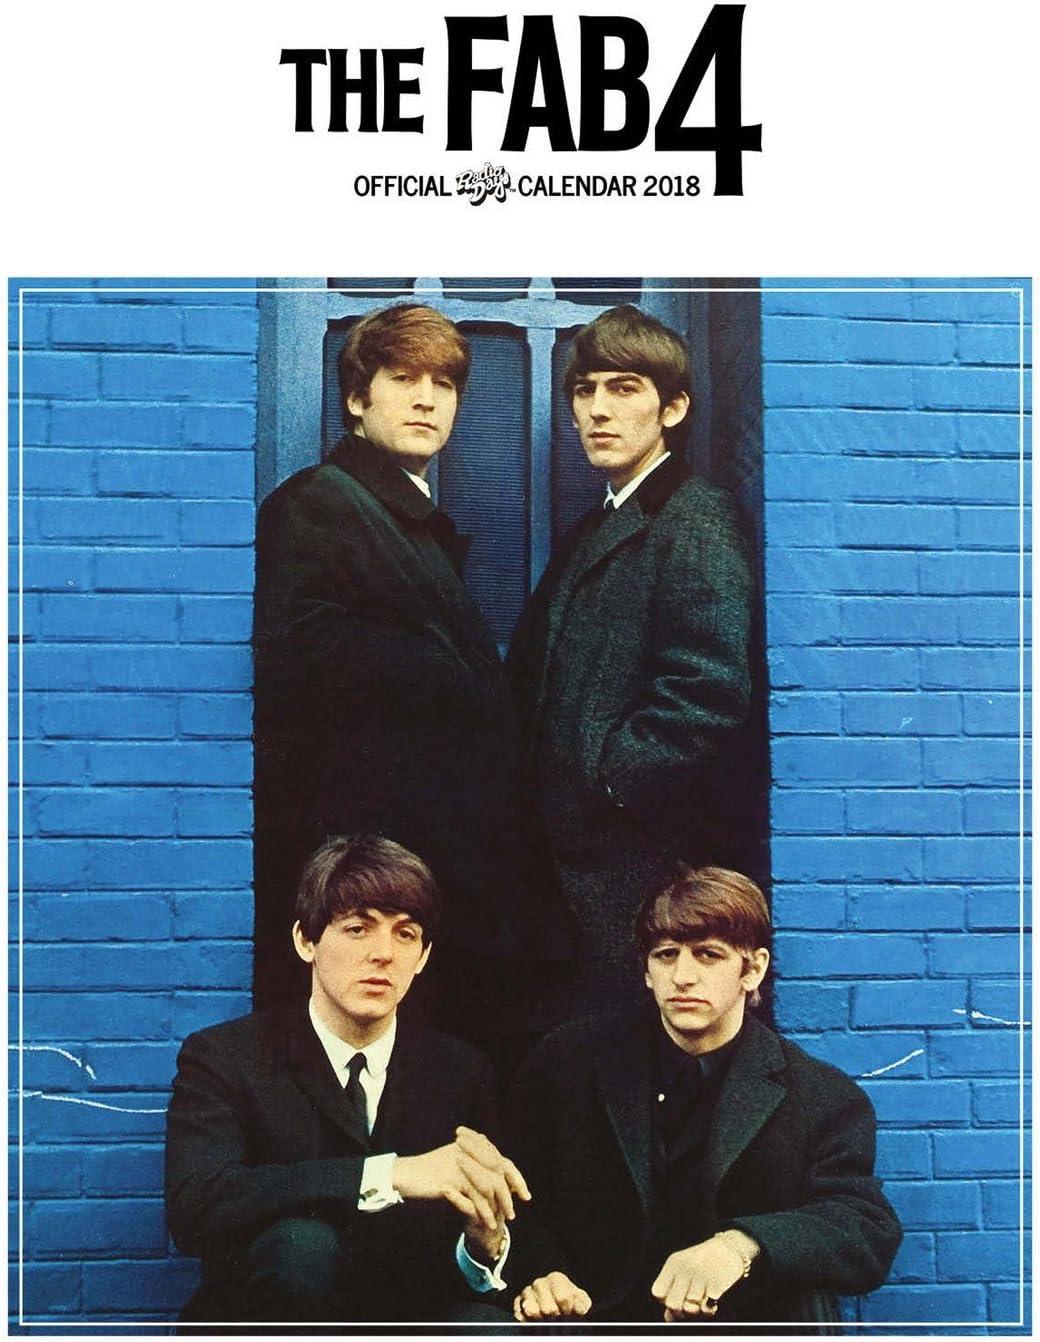 Imagicom Imacal207 Calendario Da Parete Dei Beatles, Carta, Blu, 0,1X30,5X42.5 Cm